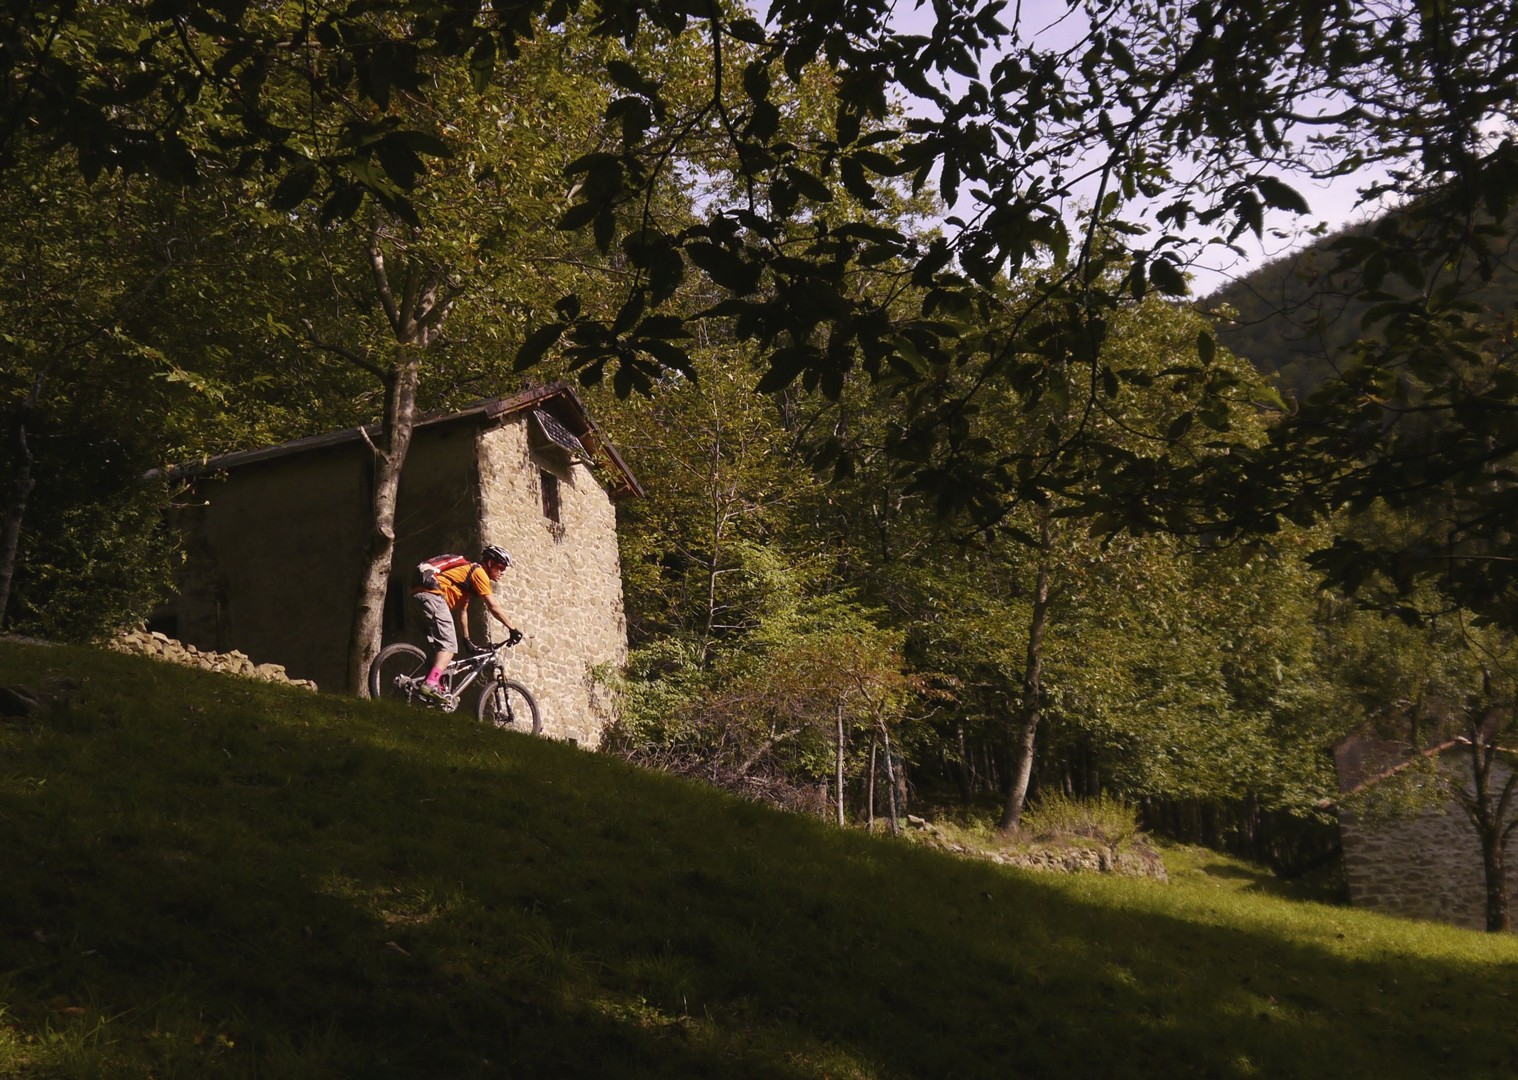 mountain-biking-holiday-italy-tuscany-francegina.jpg - Italy - Via Francigena (Tuscany to Rome) - Mountain Biking